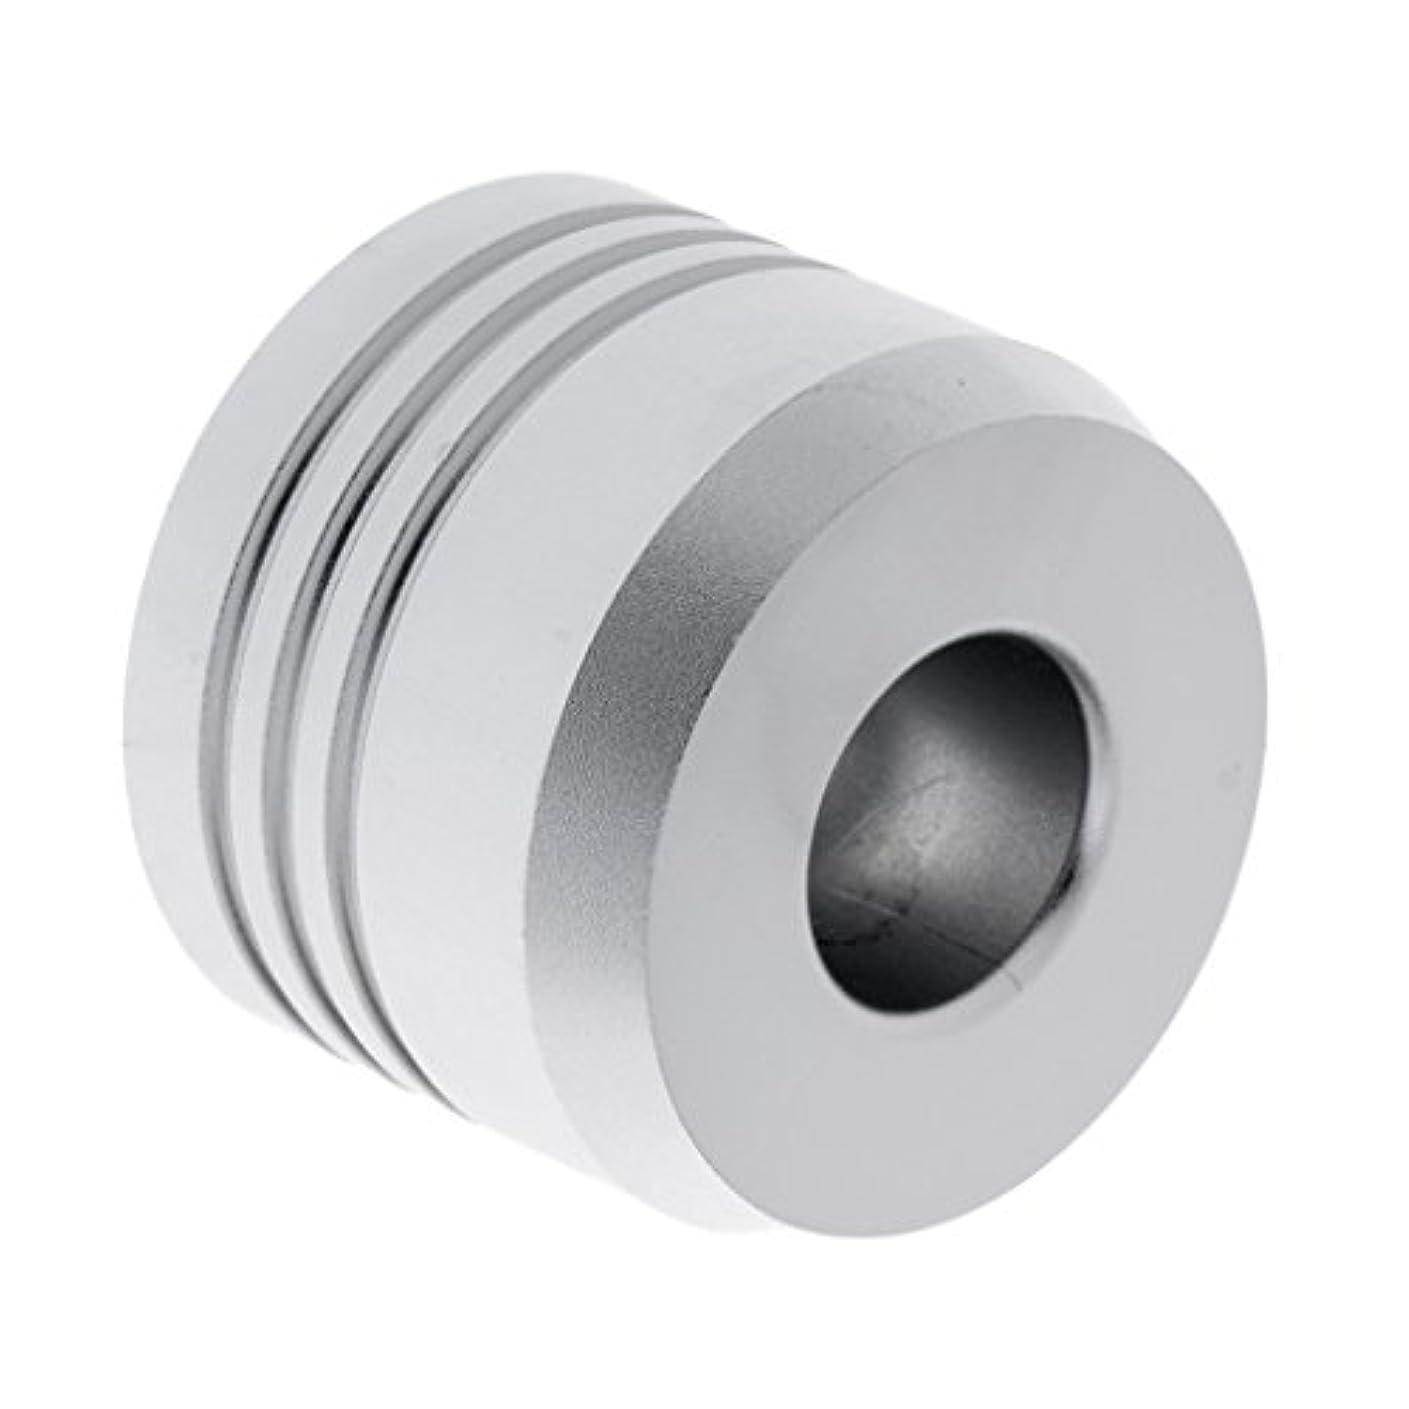 商品口実あごセーフティカミソリスタンド スタンド メンズ シェービング カミソリホルダー サポート 調節可能 シェーバーベース 2色選べ - 銀